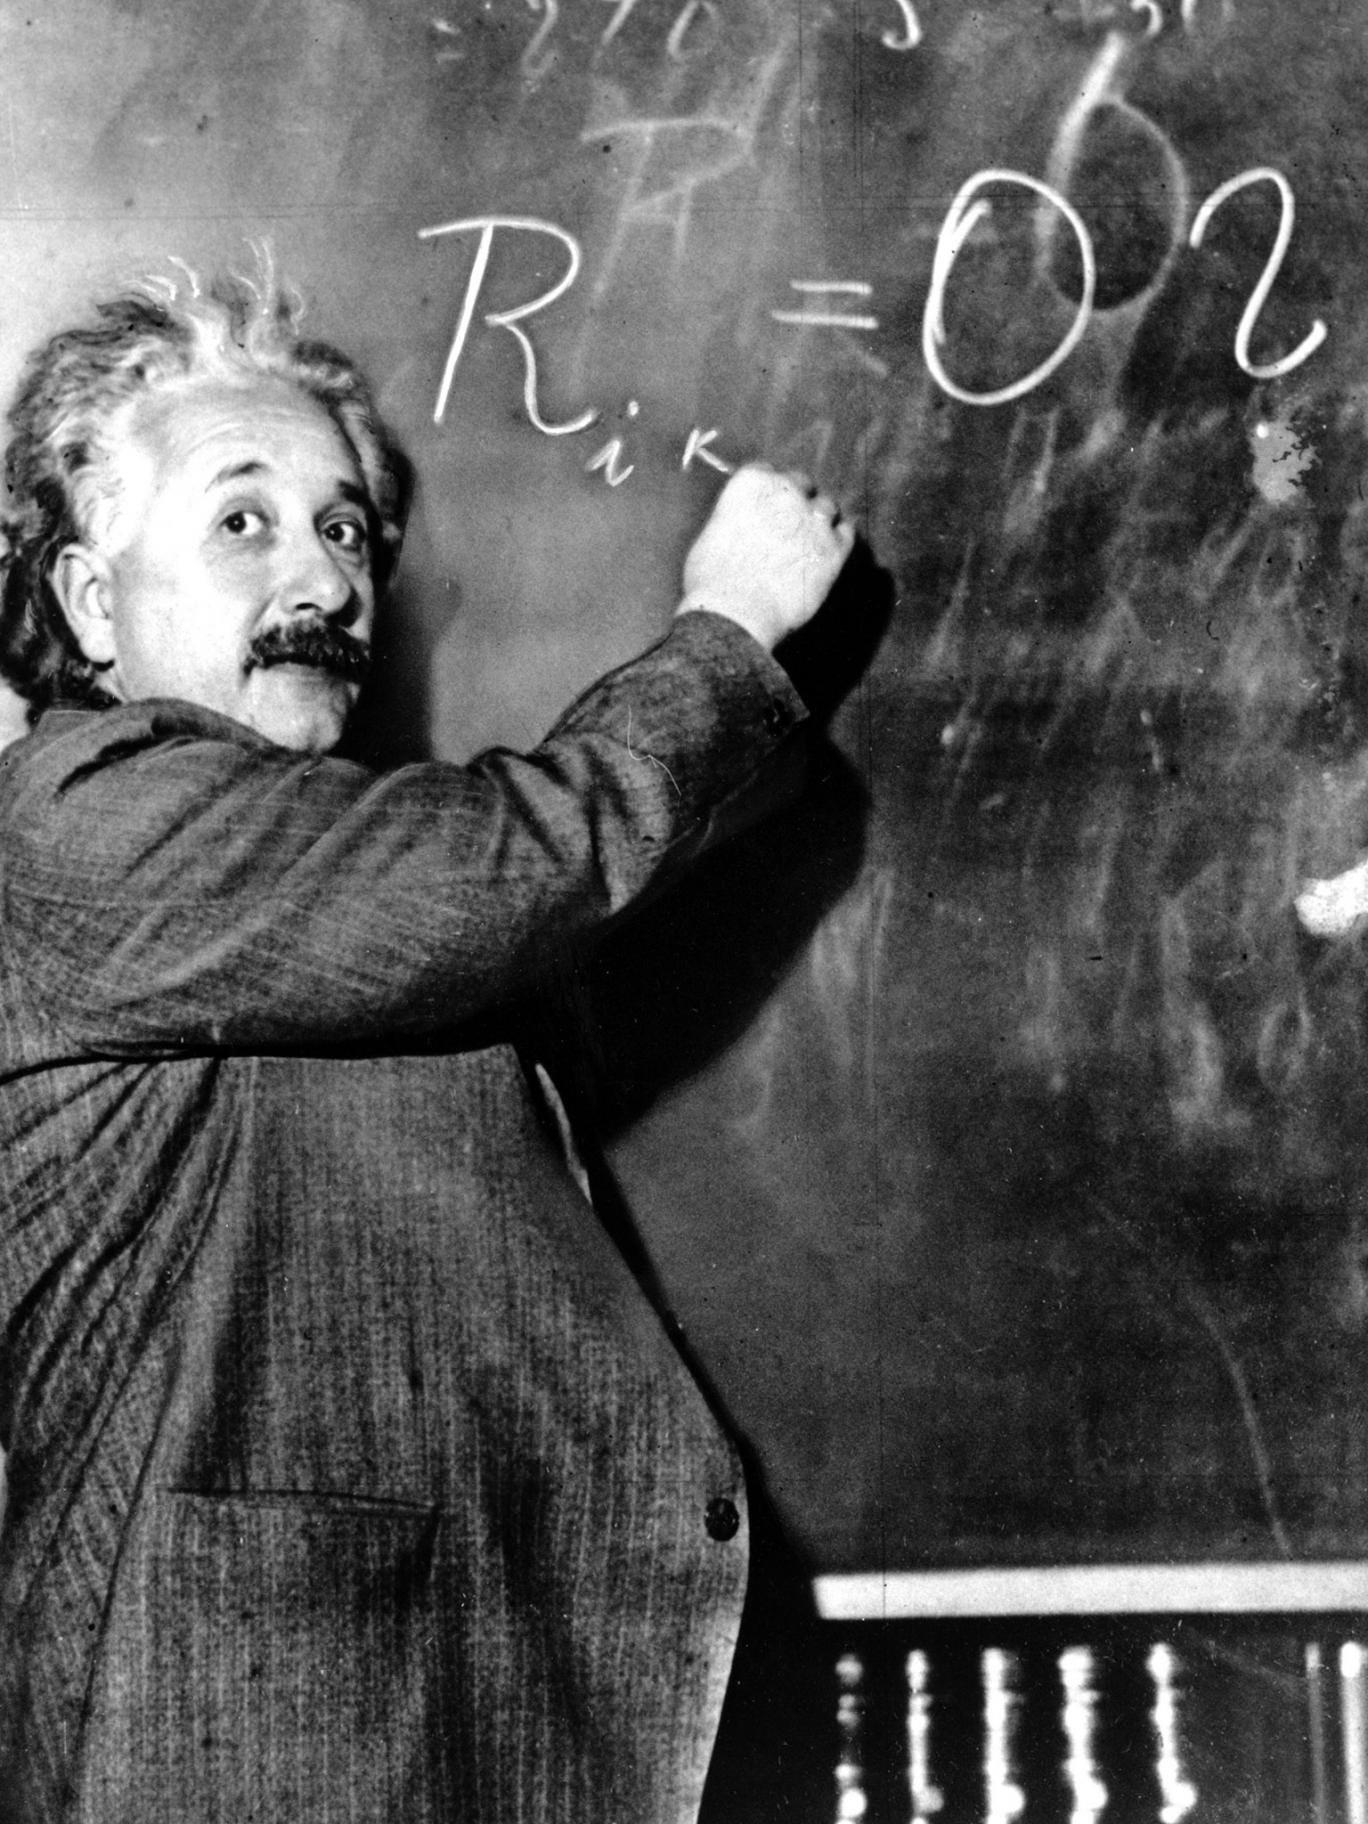 Immersing himself in the problem: Dr Albert Einstein in 1931